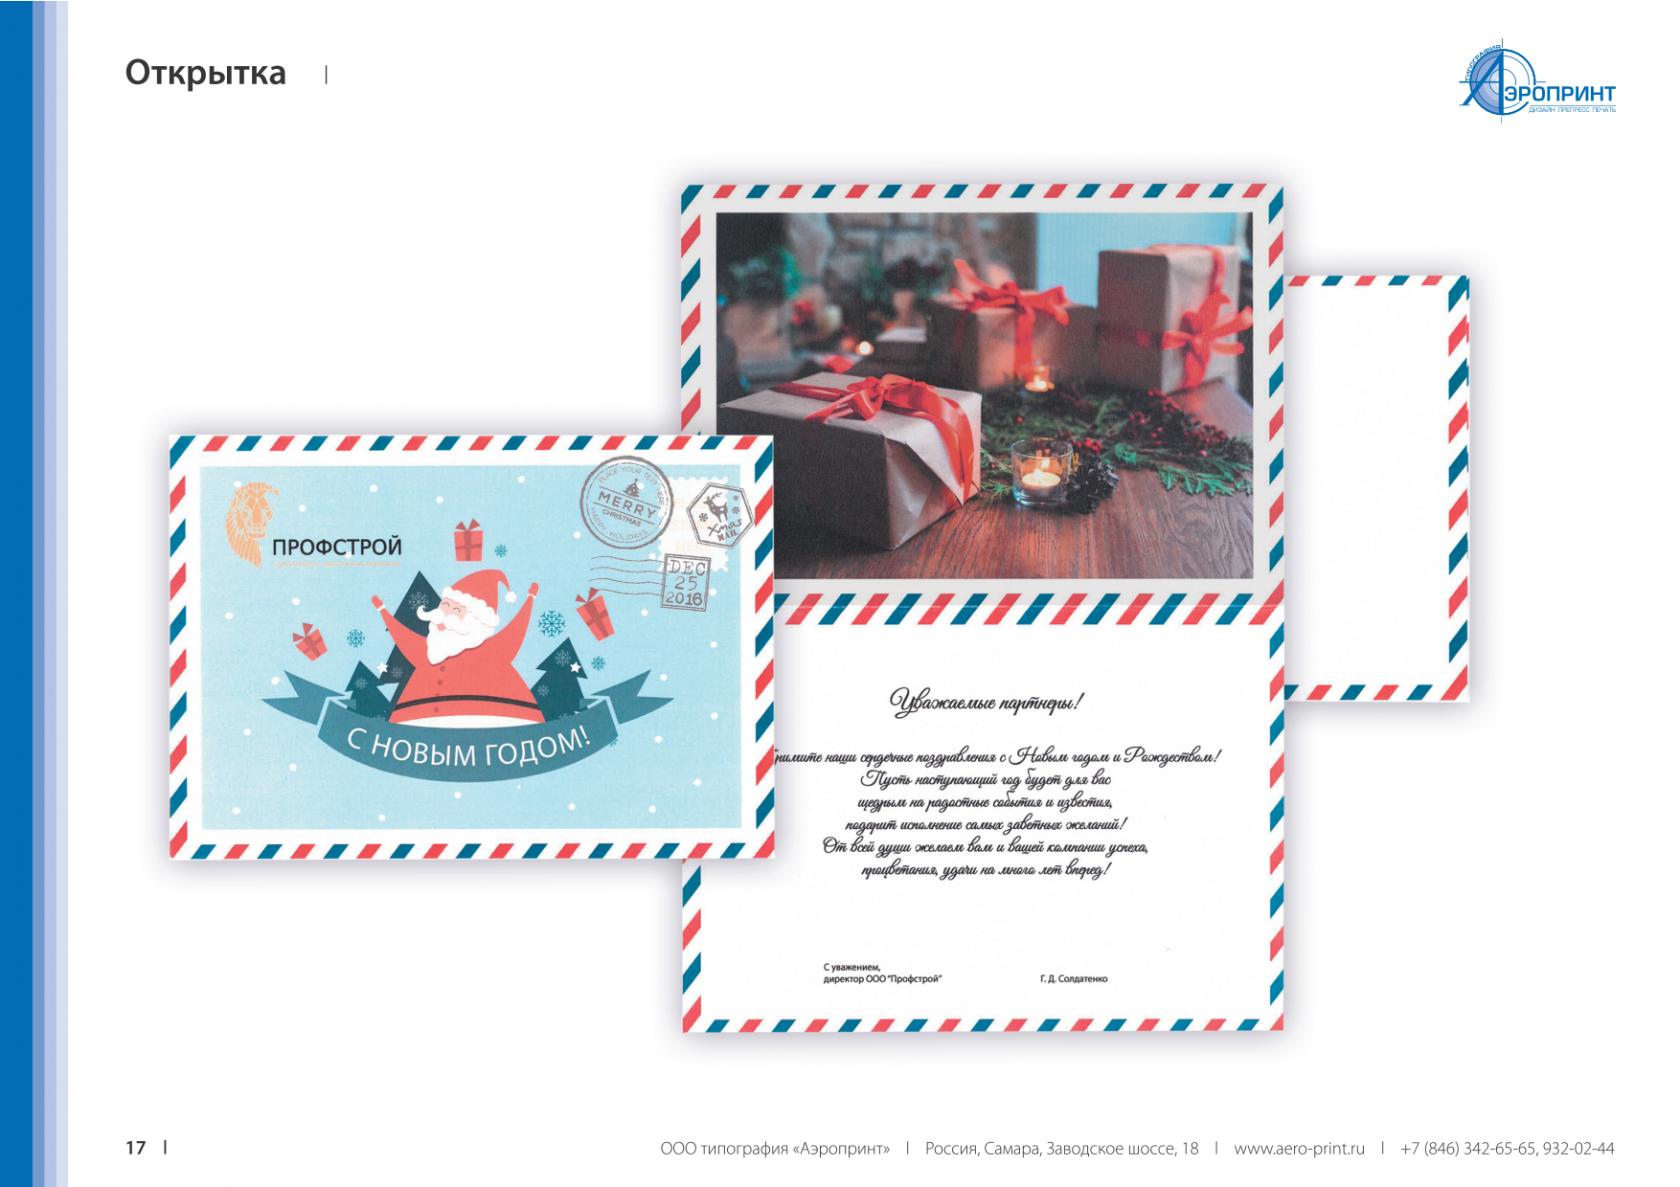 Дизайн открыток (цена на фрилансе сколько стоит разработка) 18